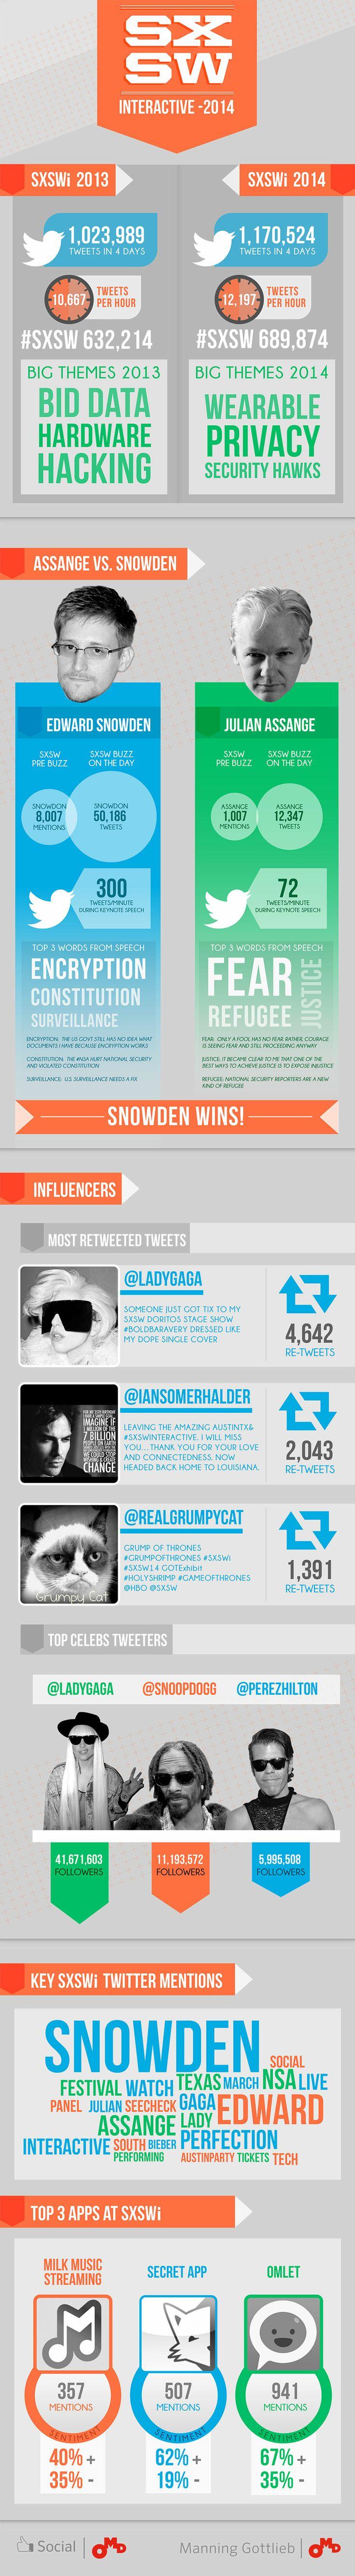 SXSW Interactive 2014 | Infographic